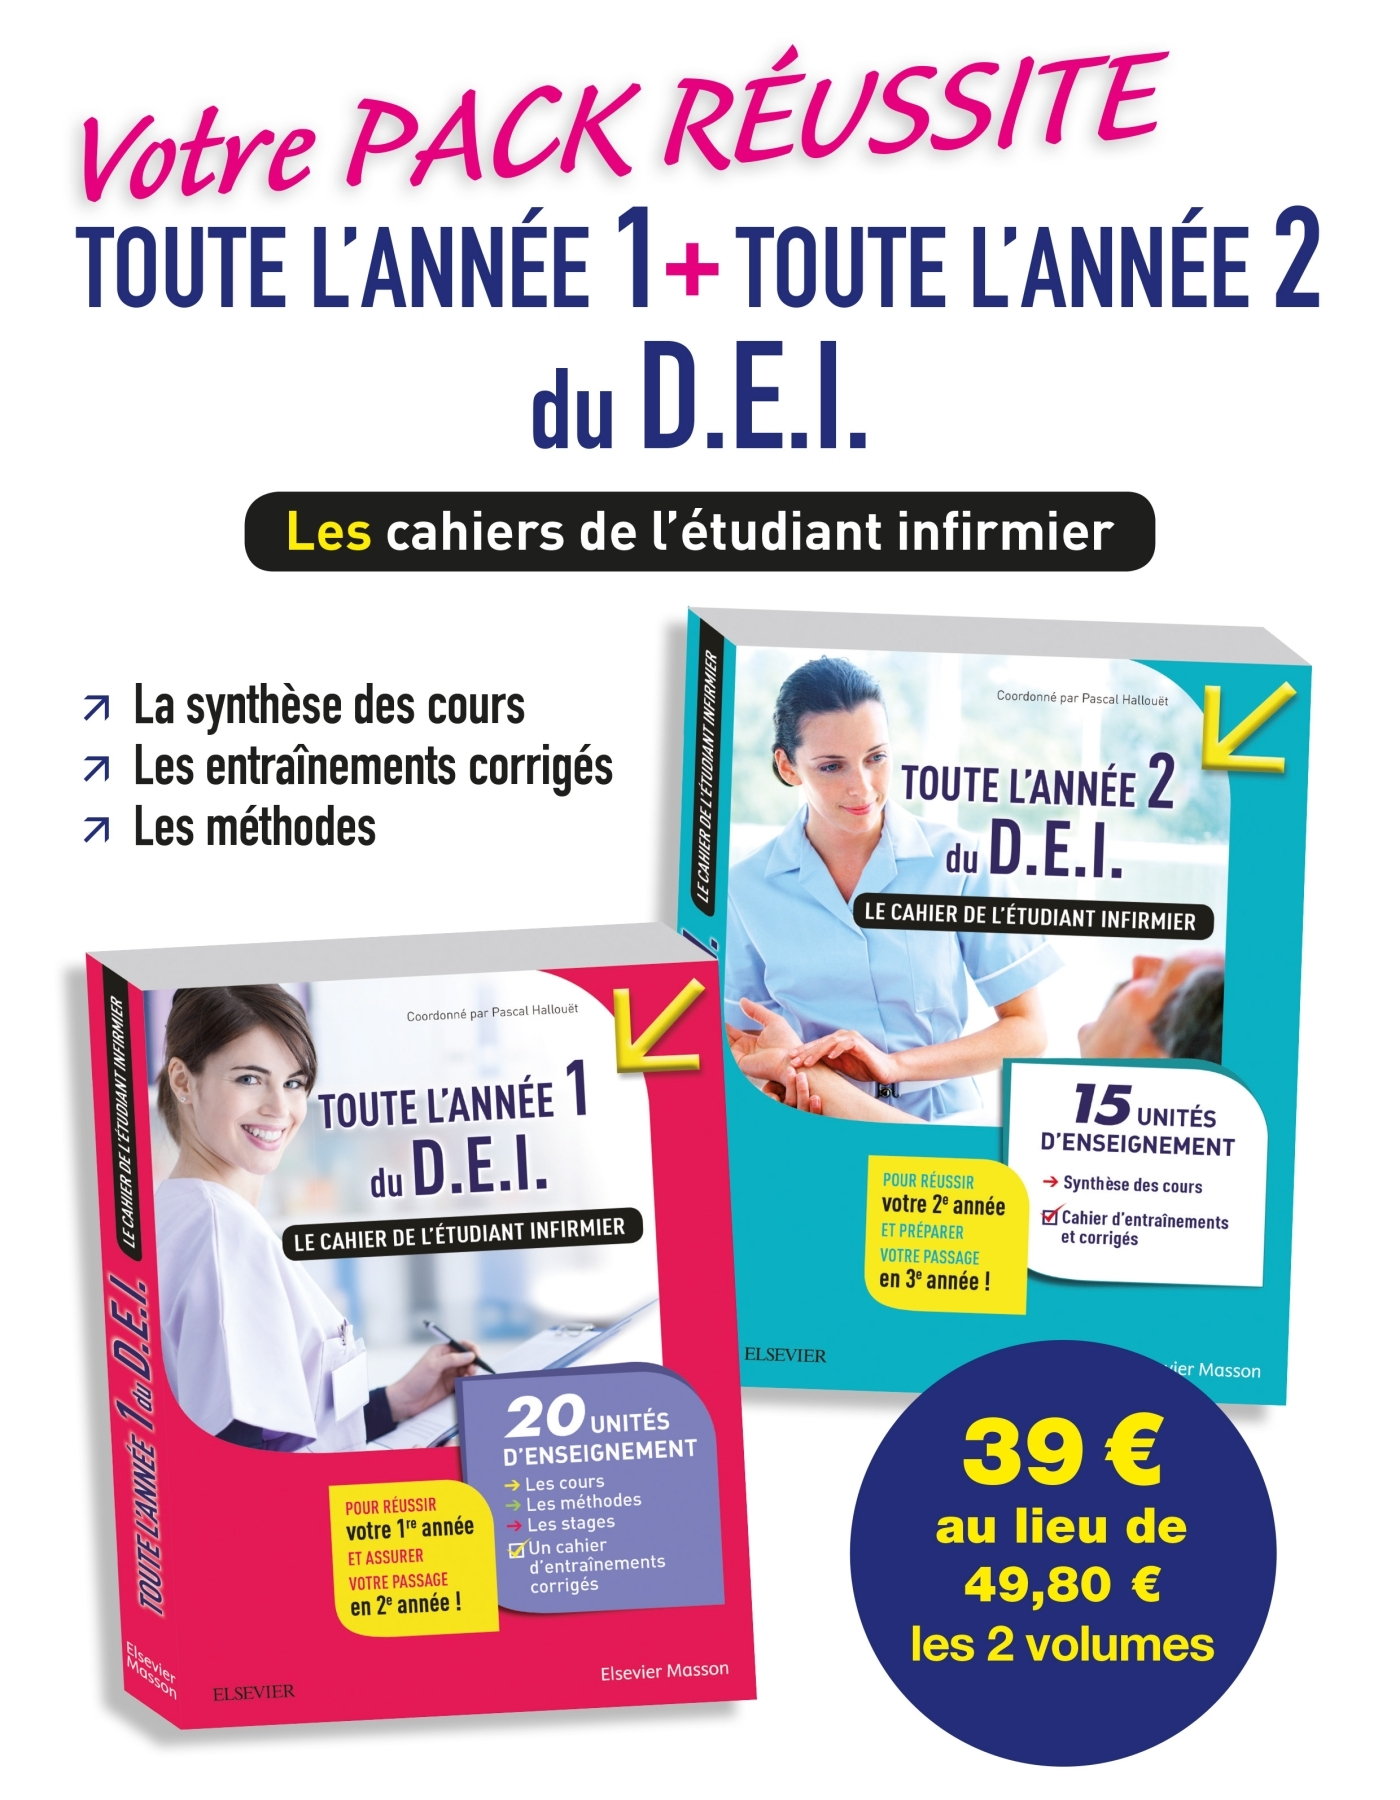 VOTRE PACK REUSSITE TOUTE L'ANNEE 1 ET TOUTE L'ANNEE 2 POUR LE D.E.I. - LES CAHIERS DE L'ETUDIANT IN